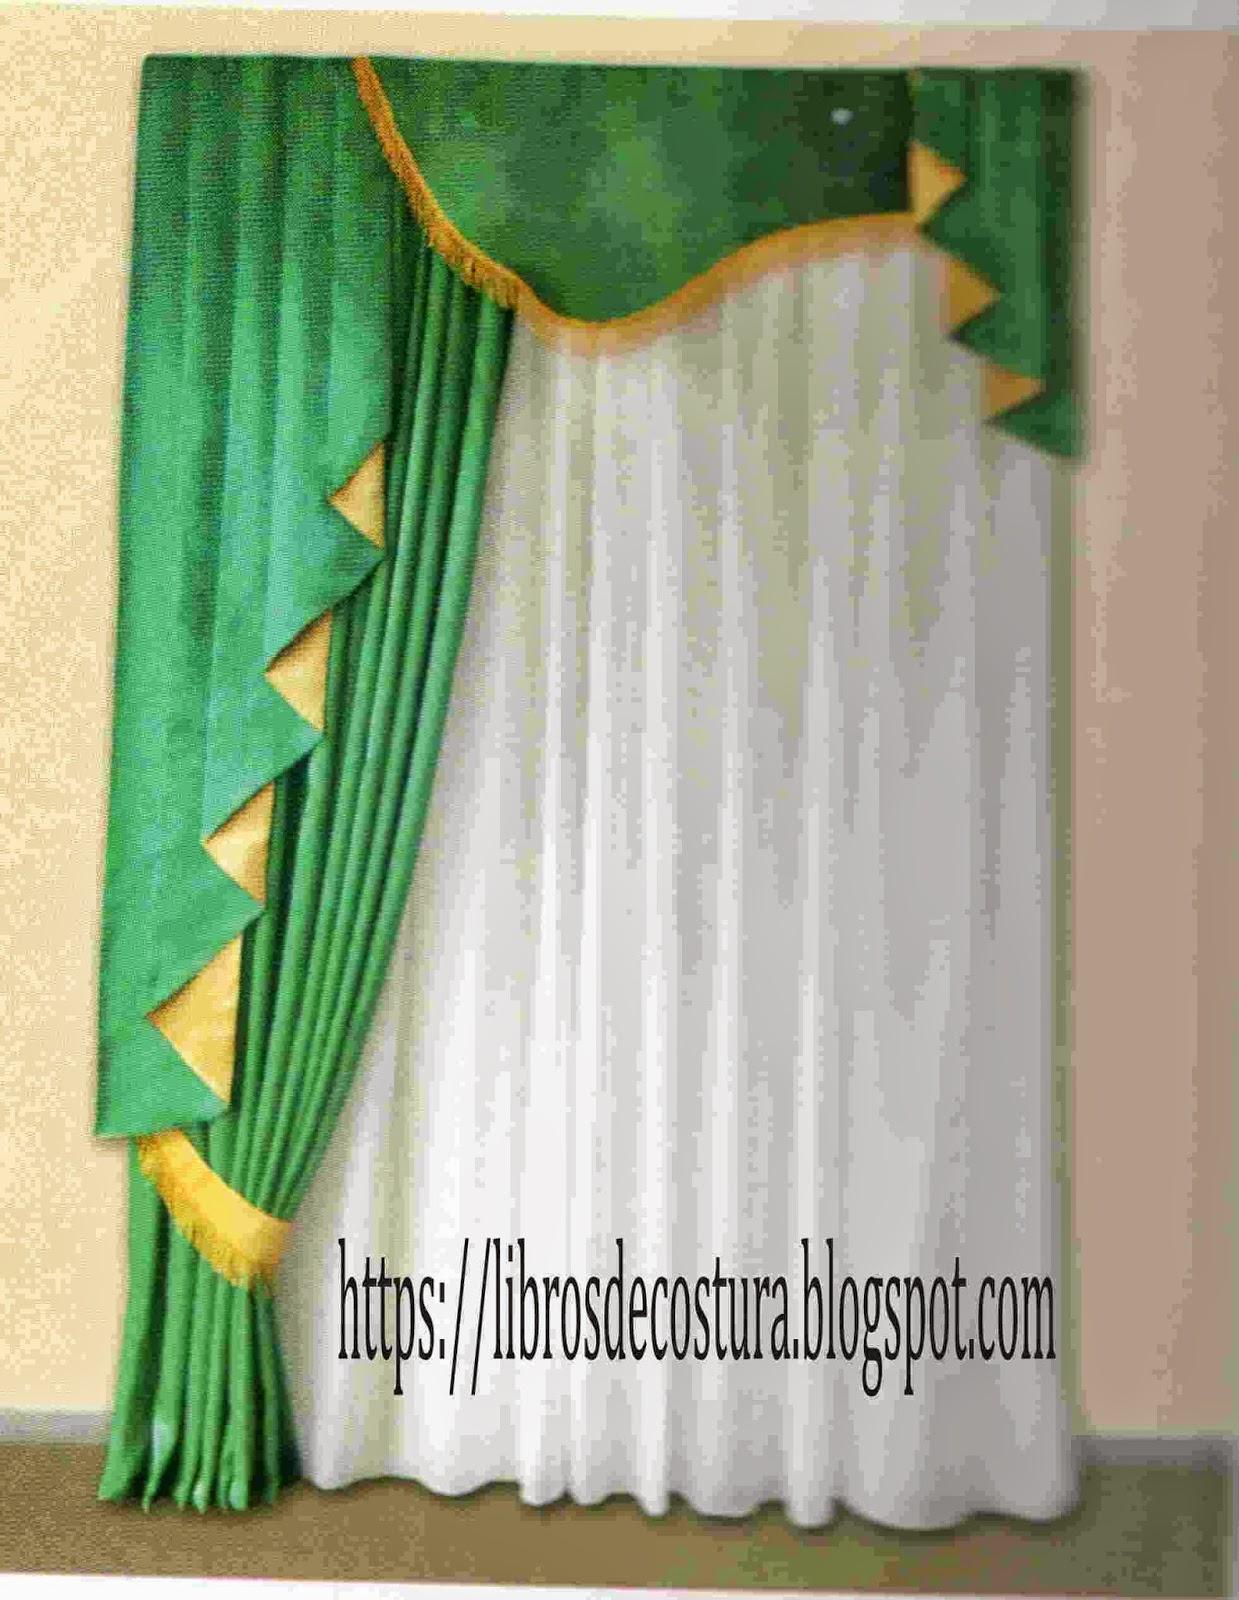 Libros de costura como hacer cortinas paso a paso - Como hacer cortinas de salon ...